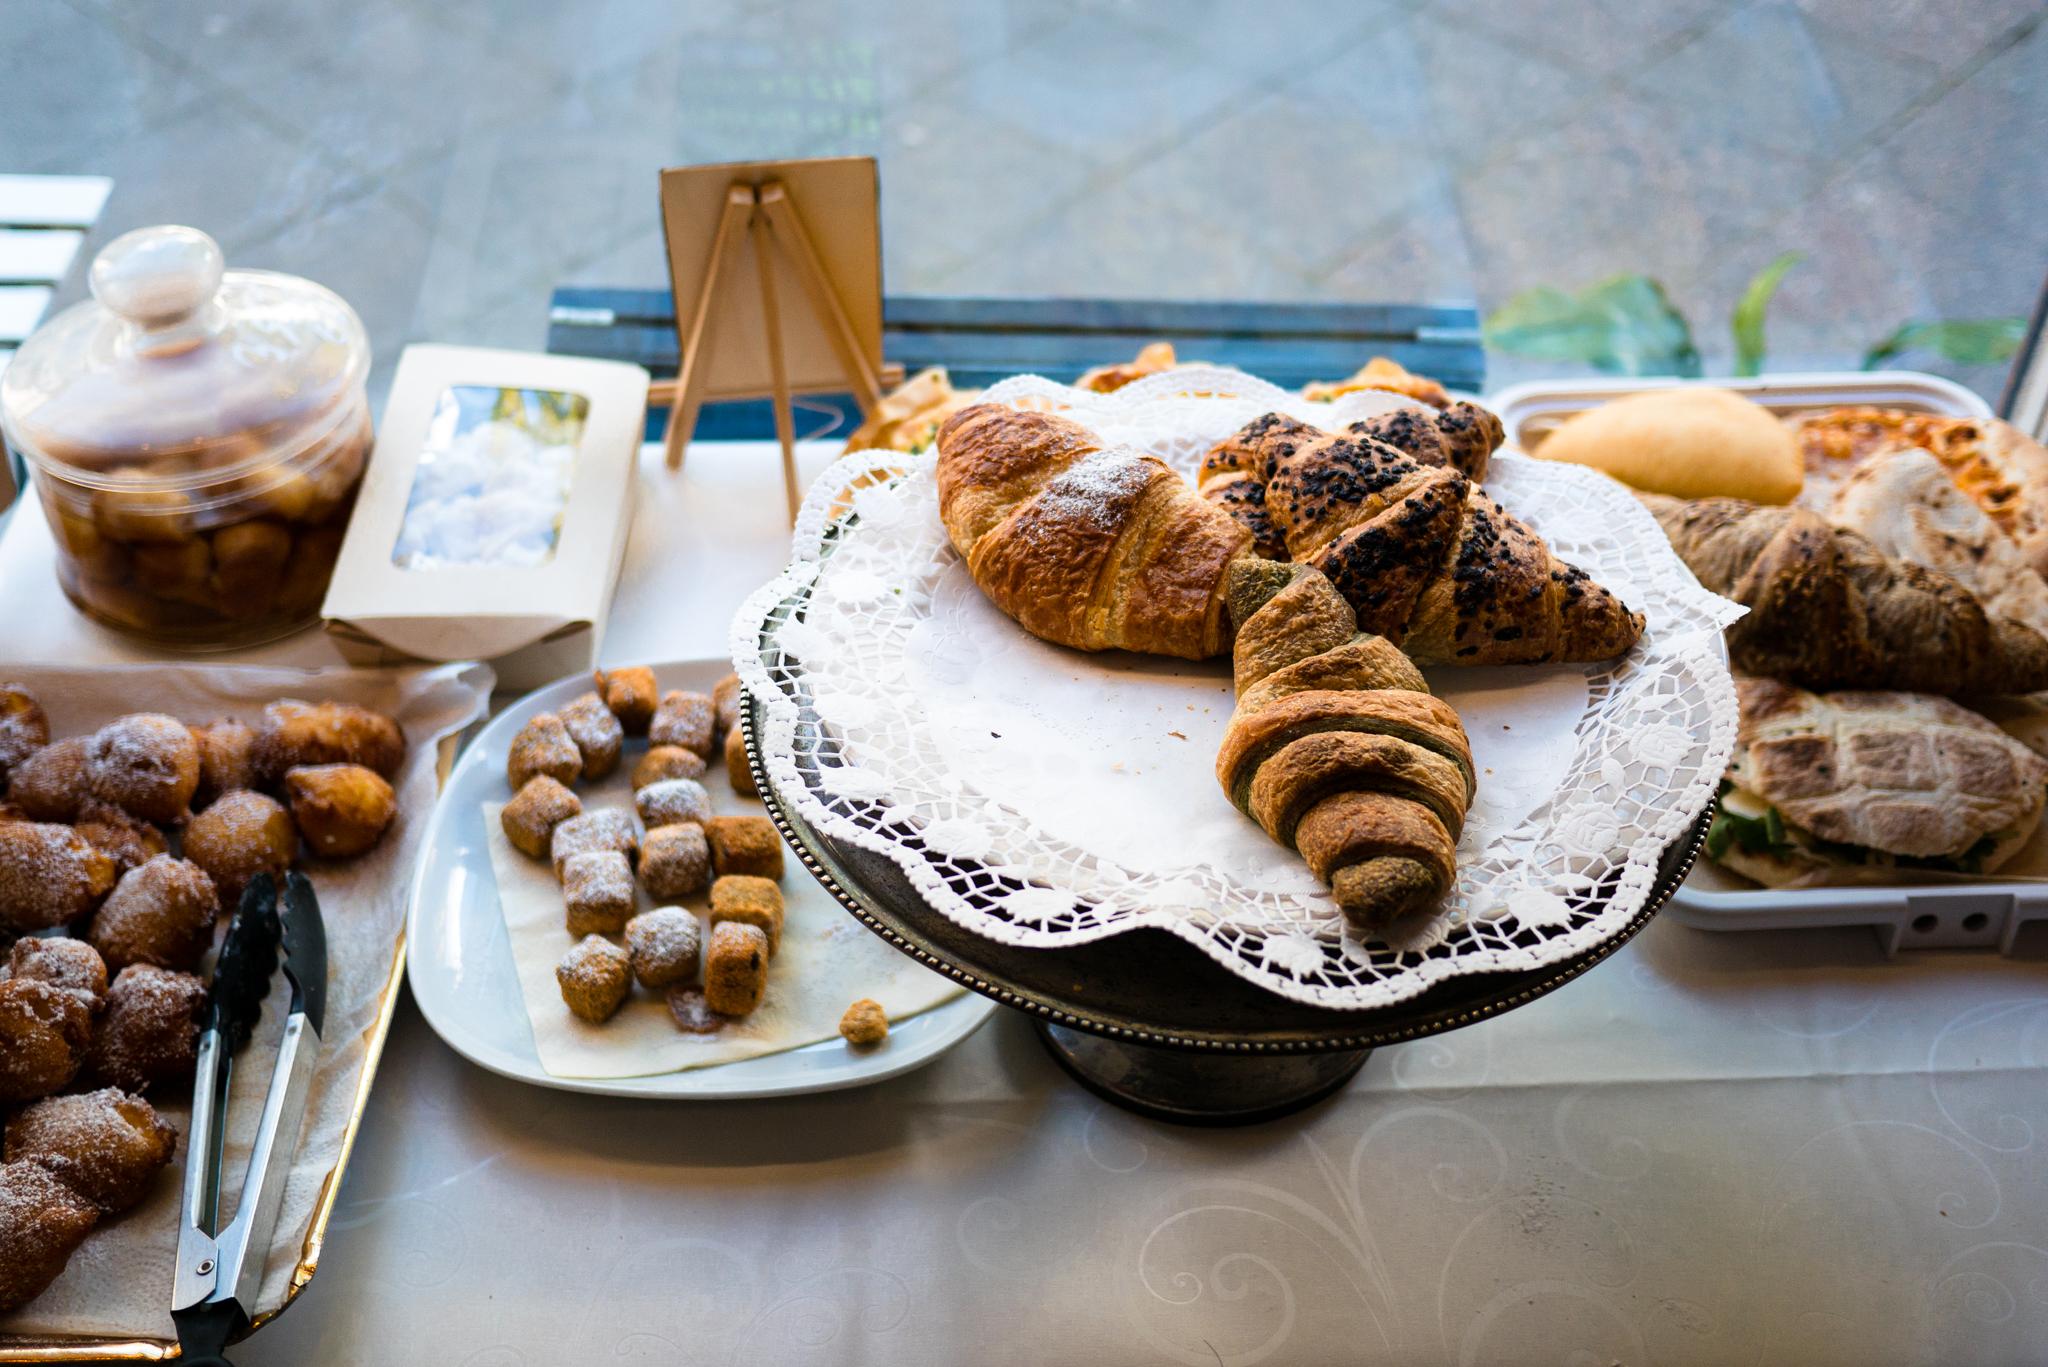 italienisch Frühstück Caffemania Schöneberg